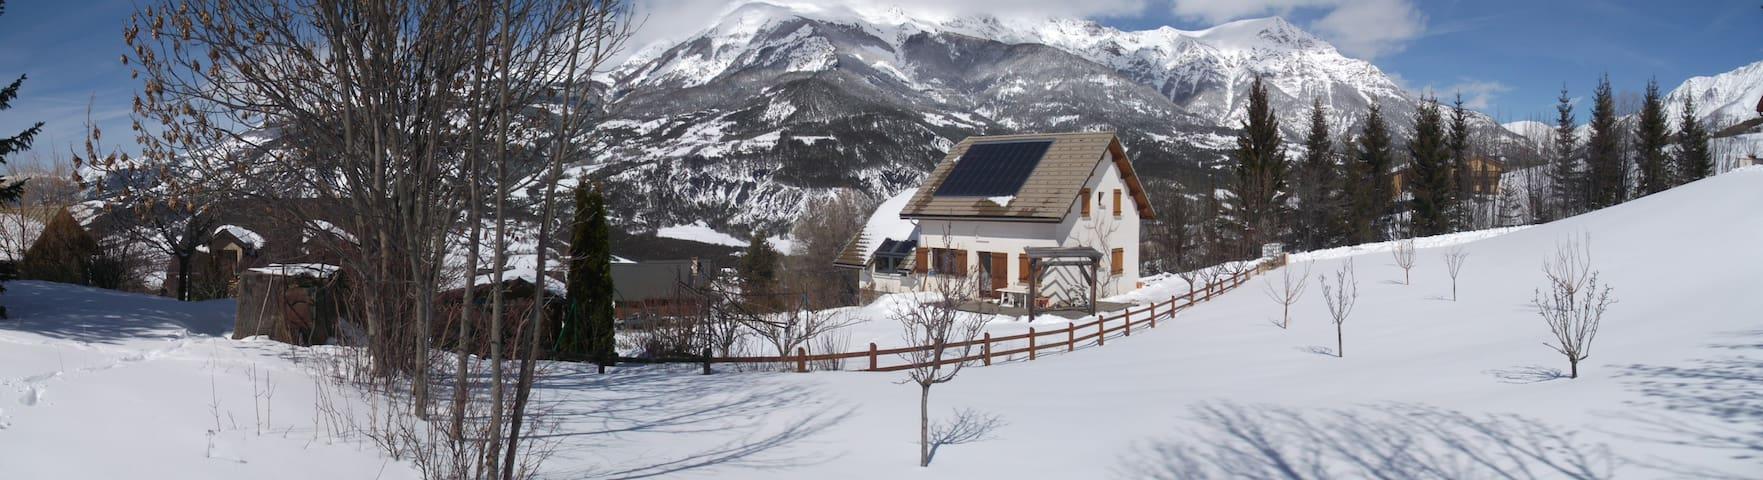 Chambre en montagne dans la nature - Faucon-de-Barcelonnette - House